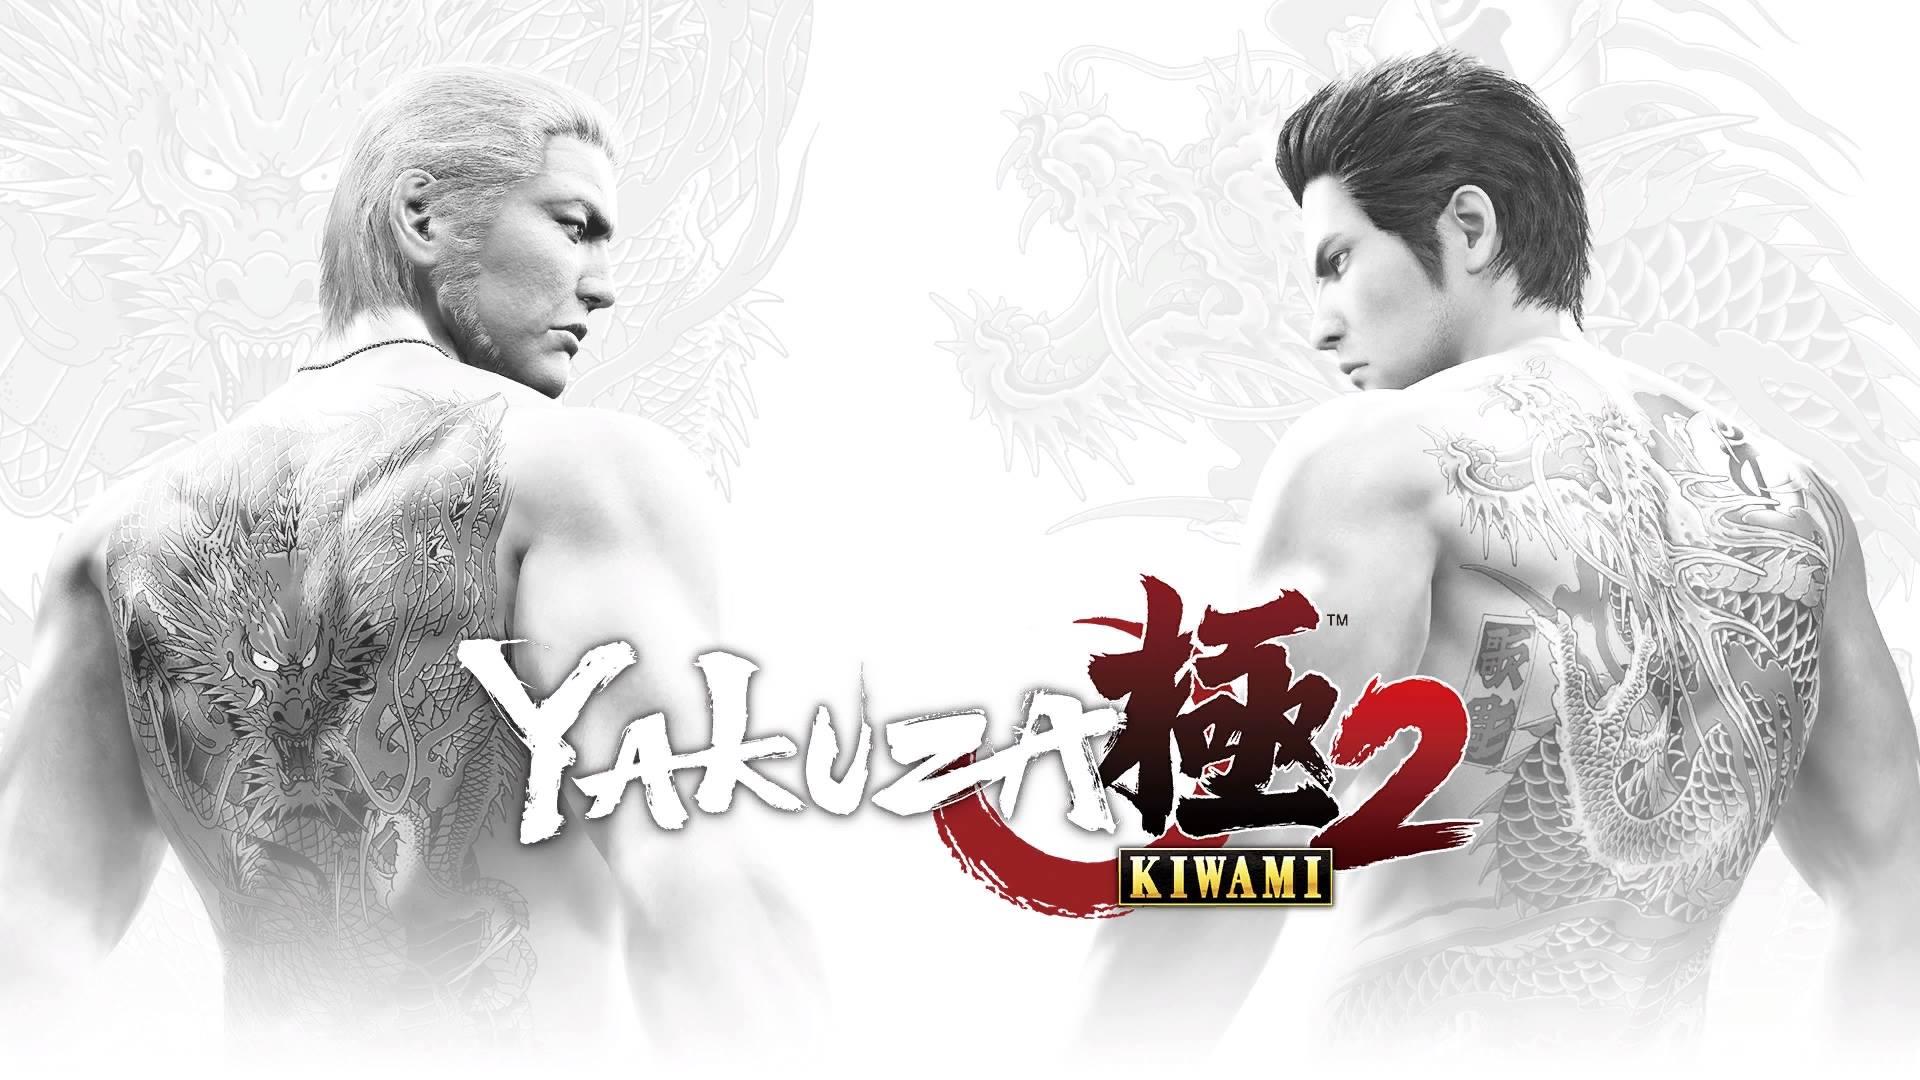 Yakuza Kiwami 2, PC,